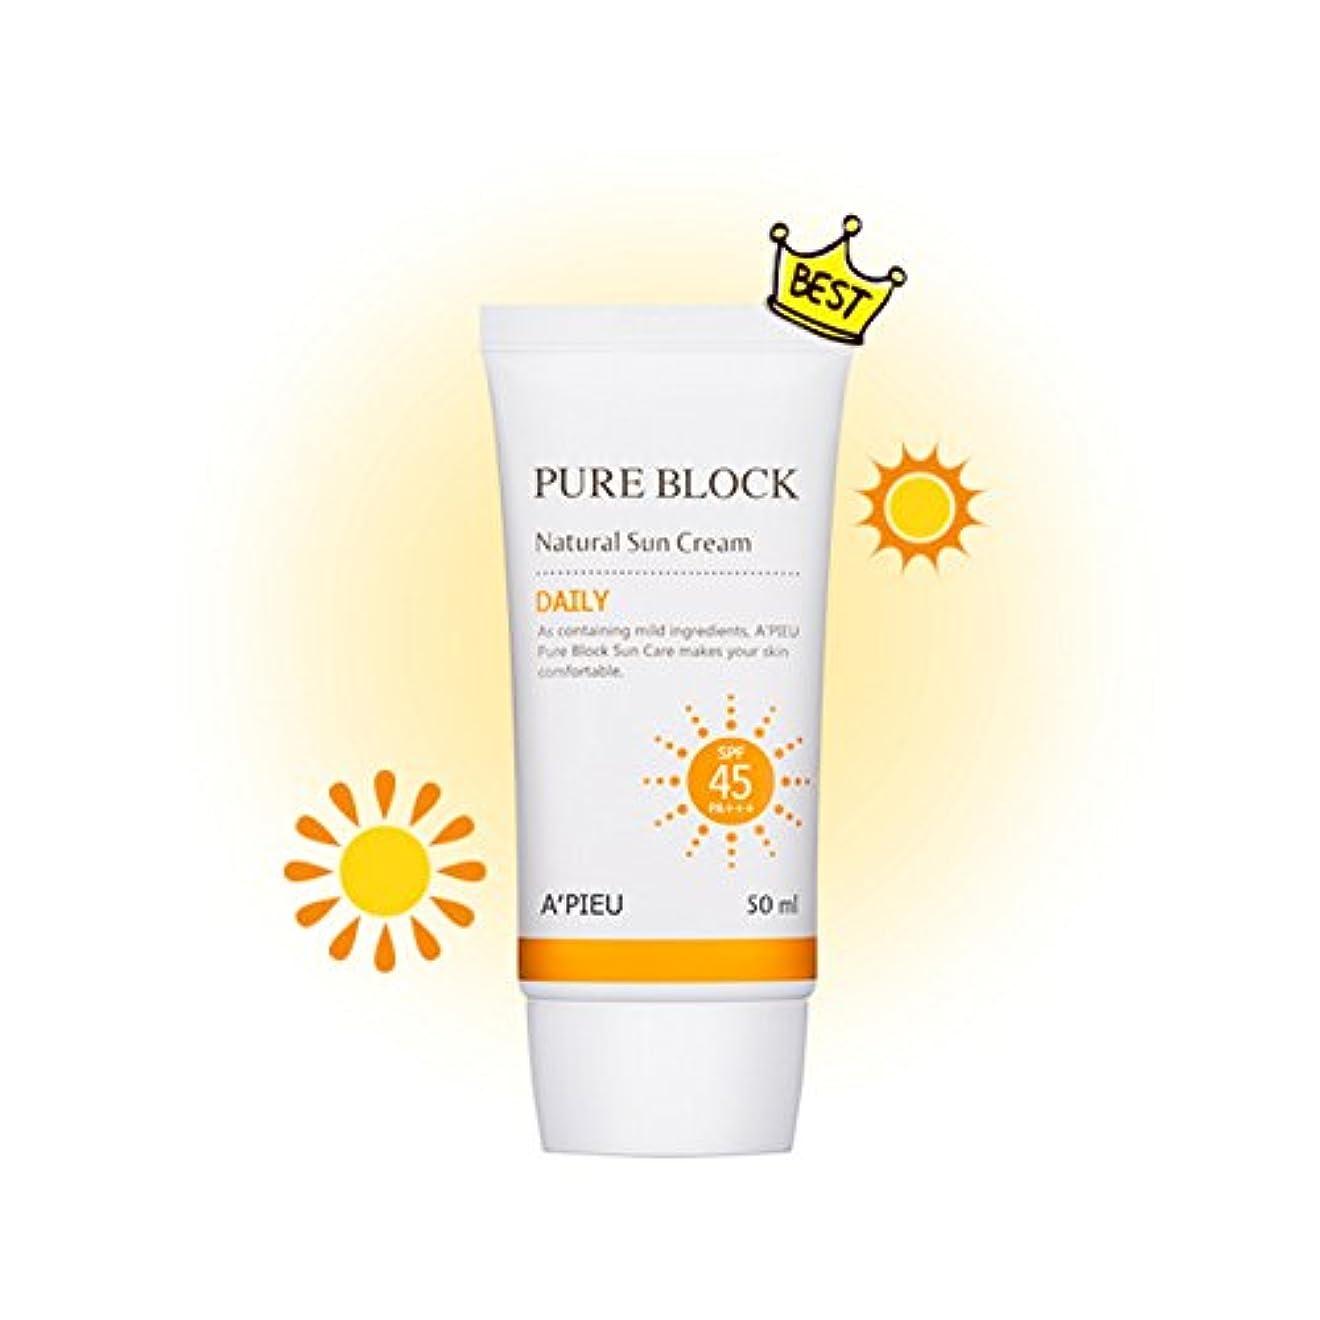 チャンピオン殺人者時代[オピュ] A'PIEU ピュアブロックナチュラルデイリー日焼け止め Pure Block Natural Daily Sun Cream SPF 45 PA+++ [並行輸入品]